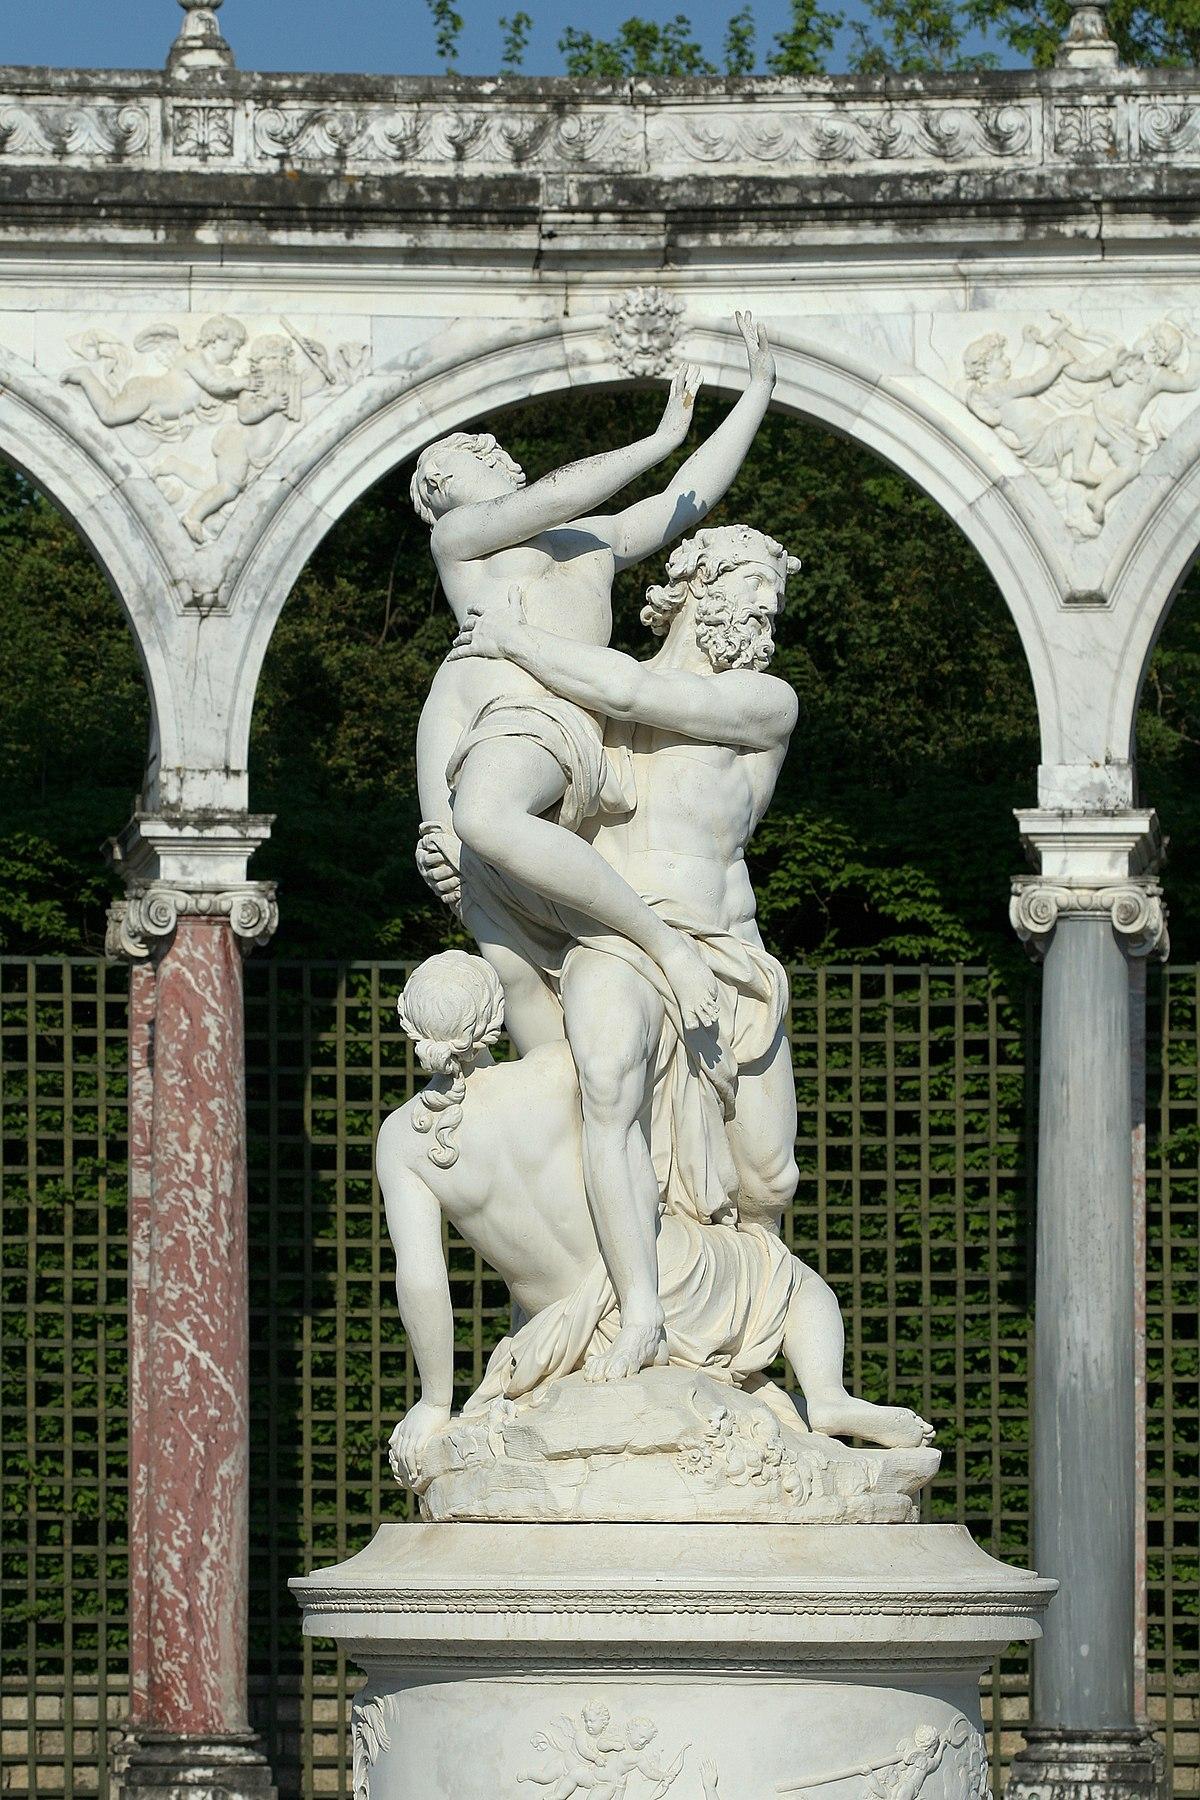 sculpture l'enlevement de proserpine par pluton